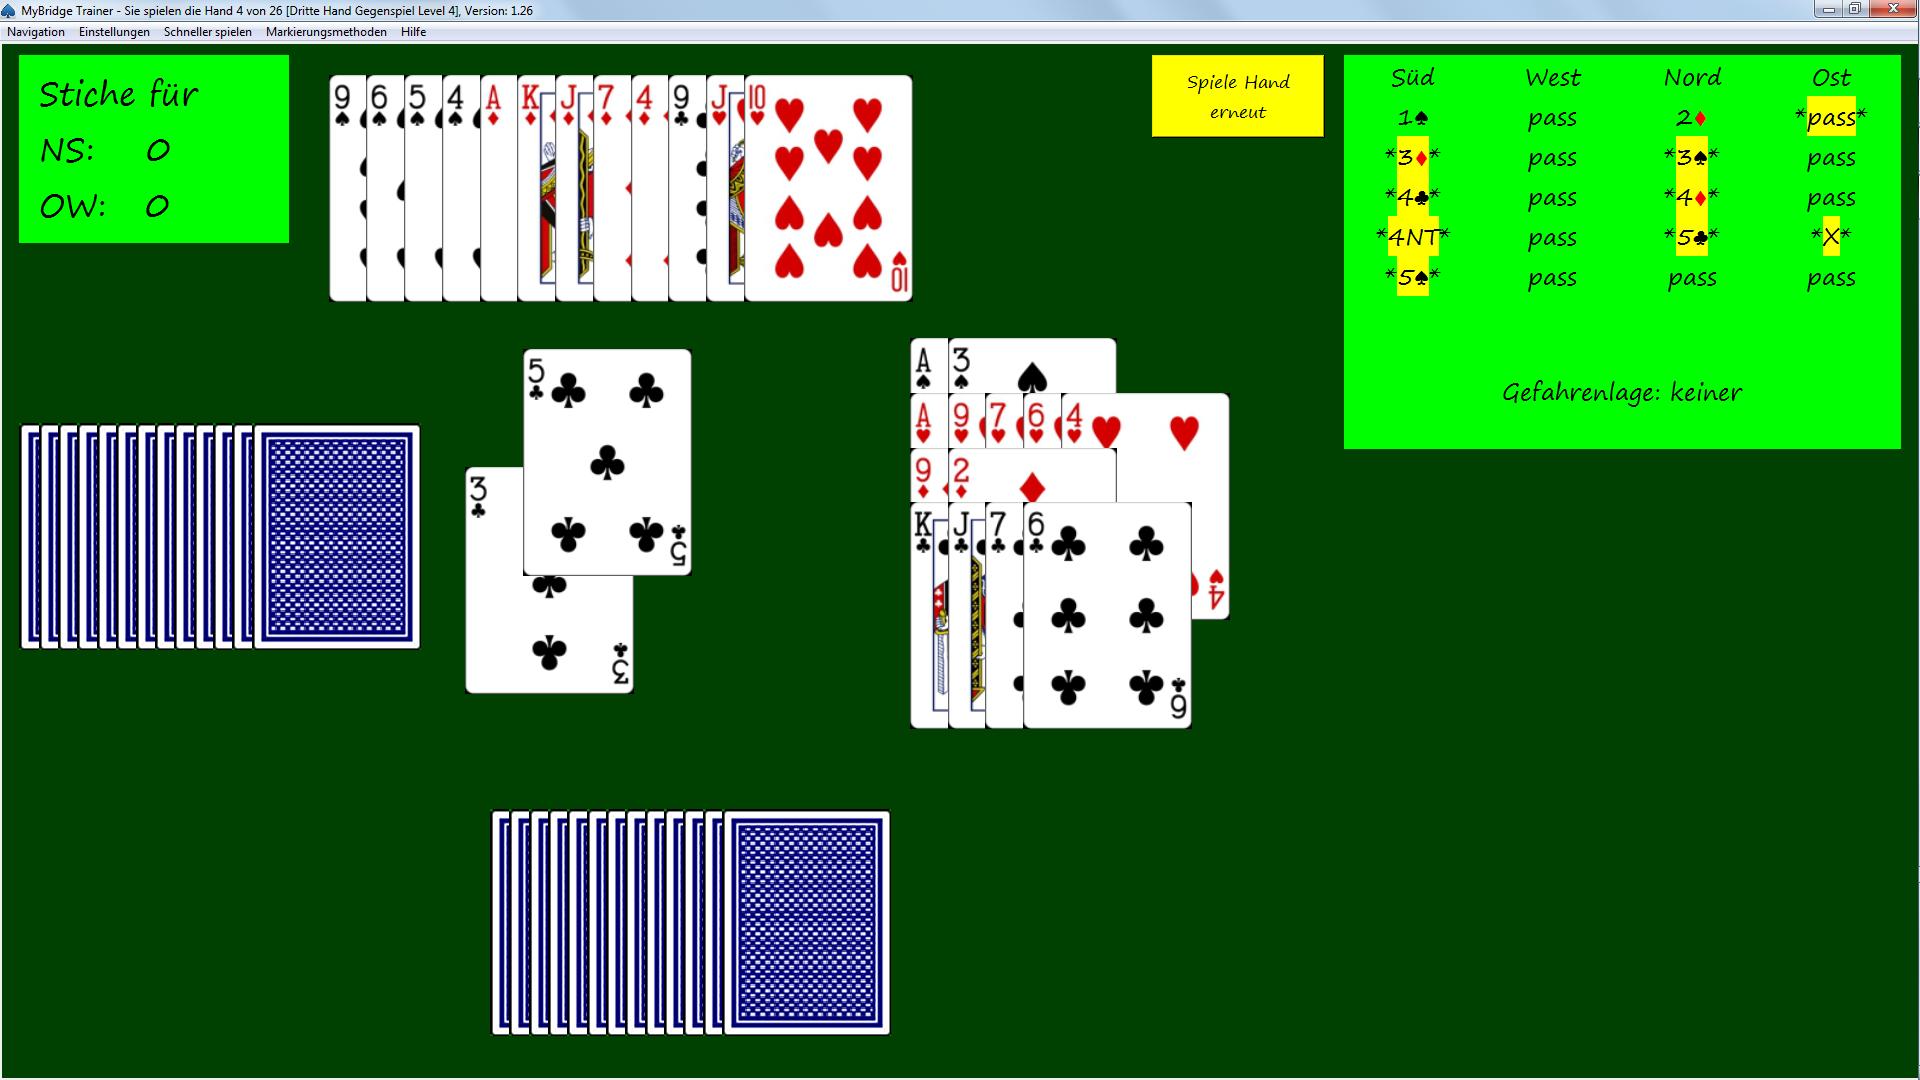 Level_4_Spielverlauf